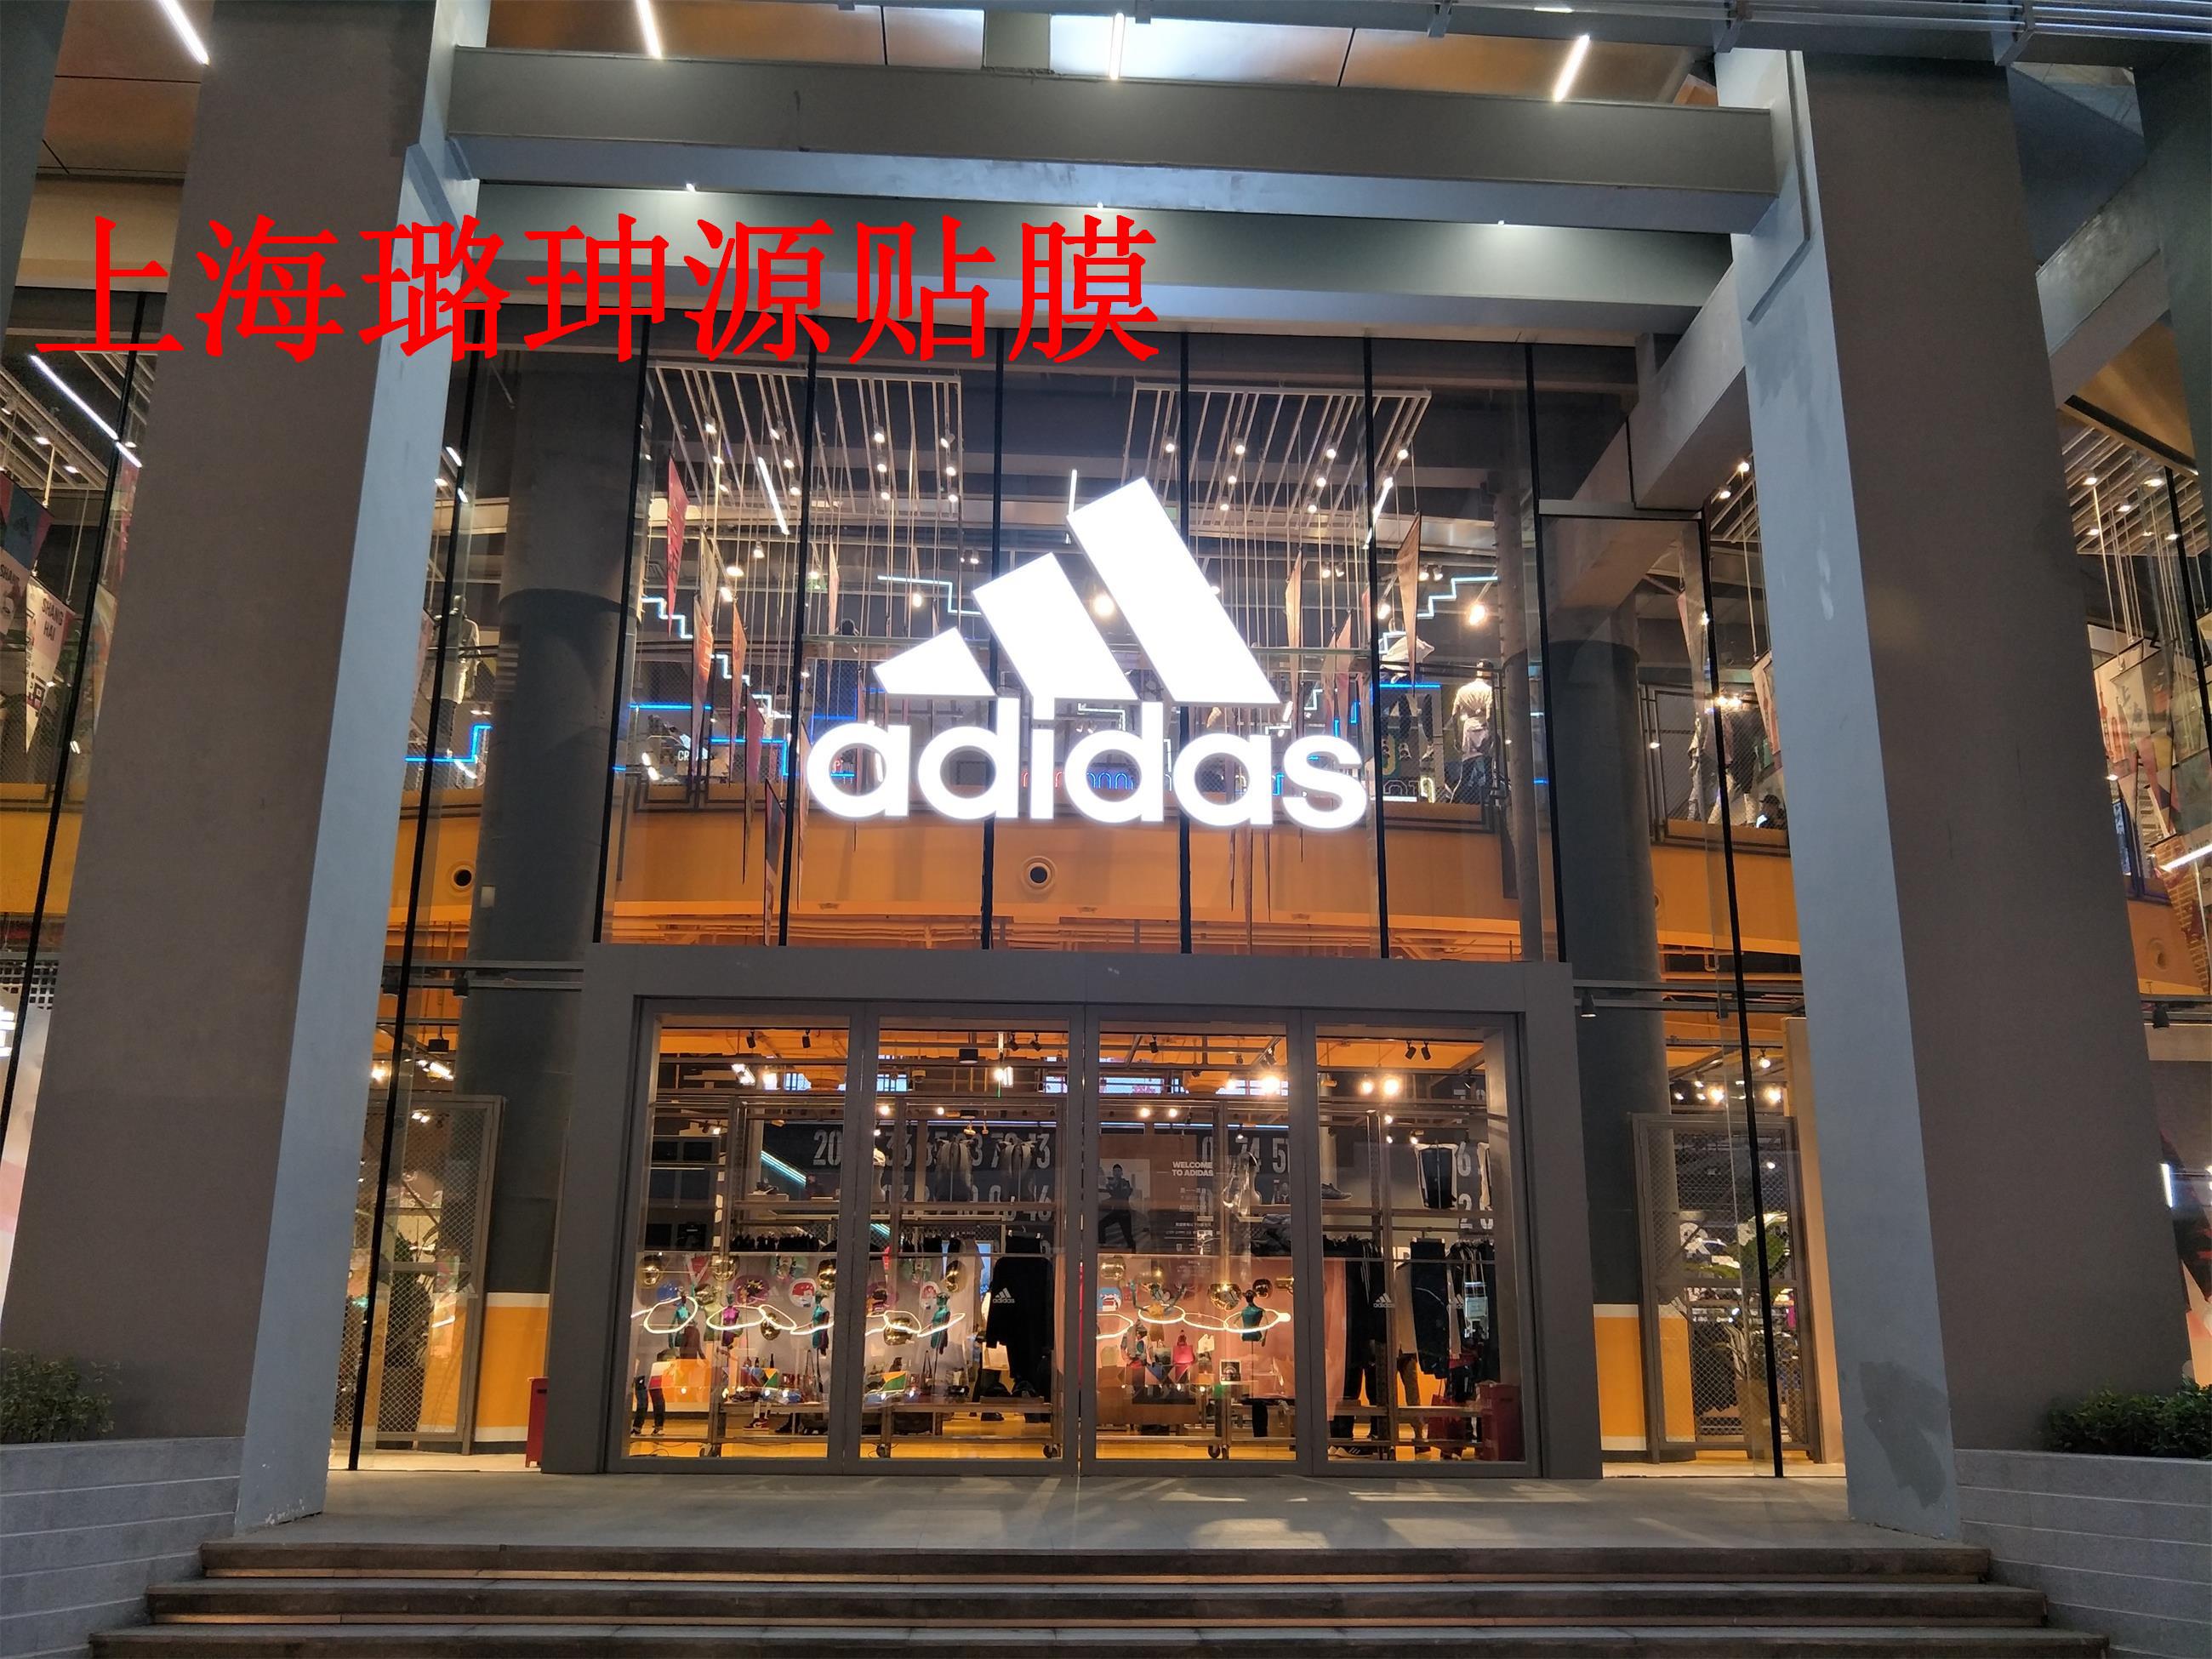 上海南京路adidas旗艦店貼膜